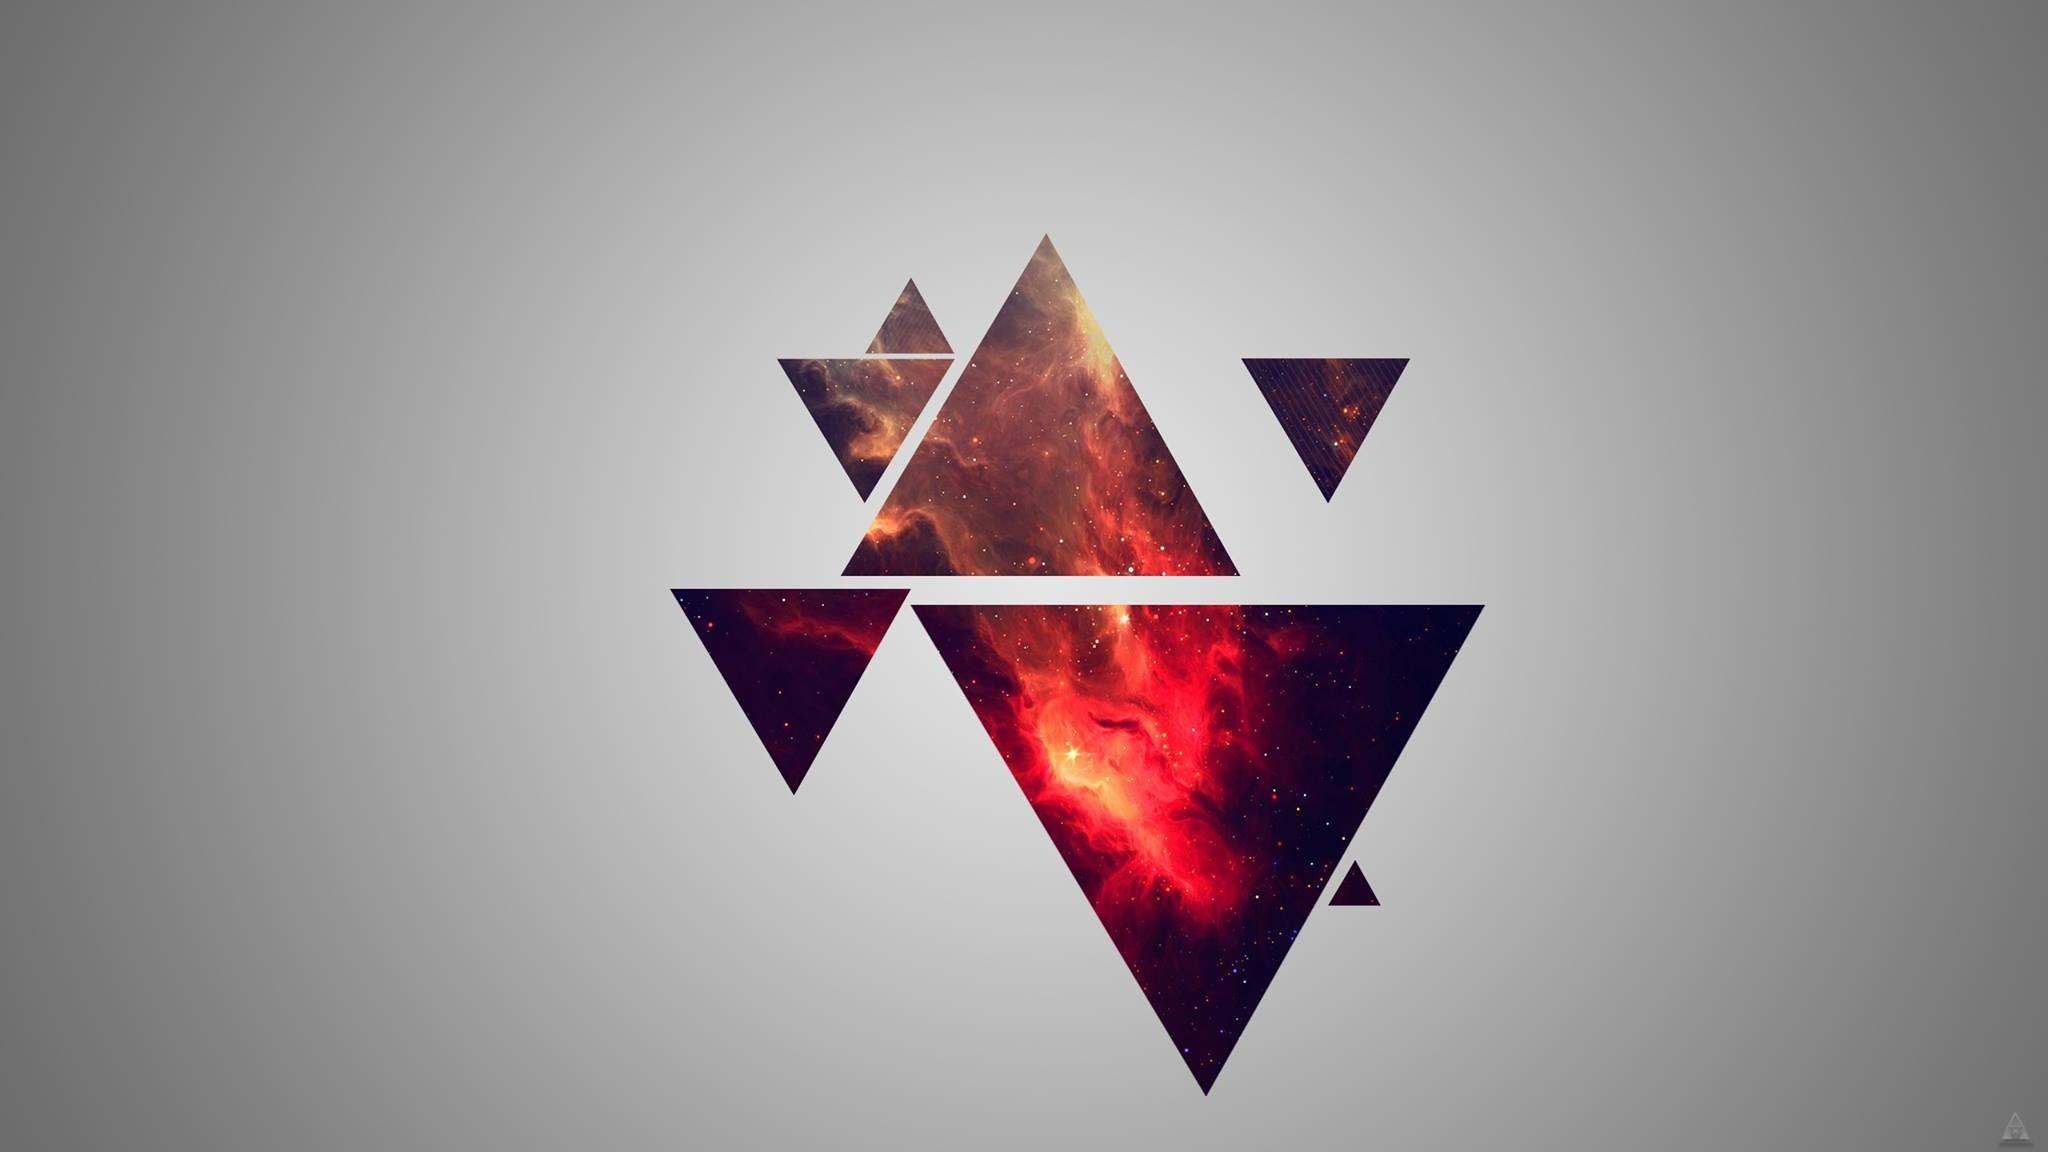 45911_abstract_triangles.jpg (2048×1152)   2048 x 1152   Pinterest    Hipster art, Wallpaper and Digital art